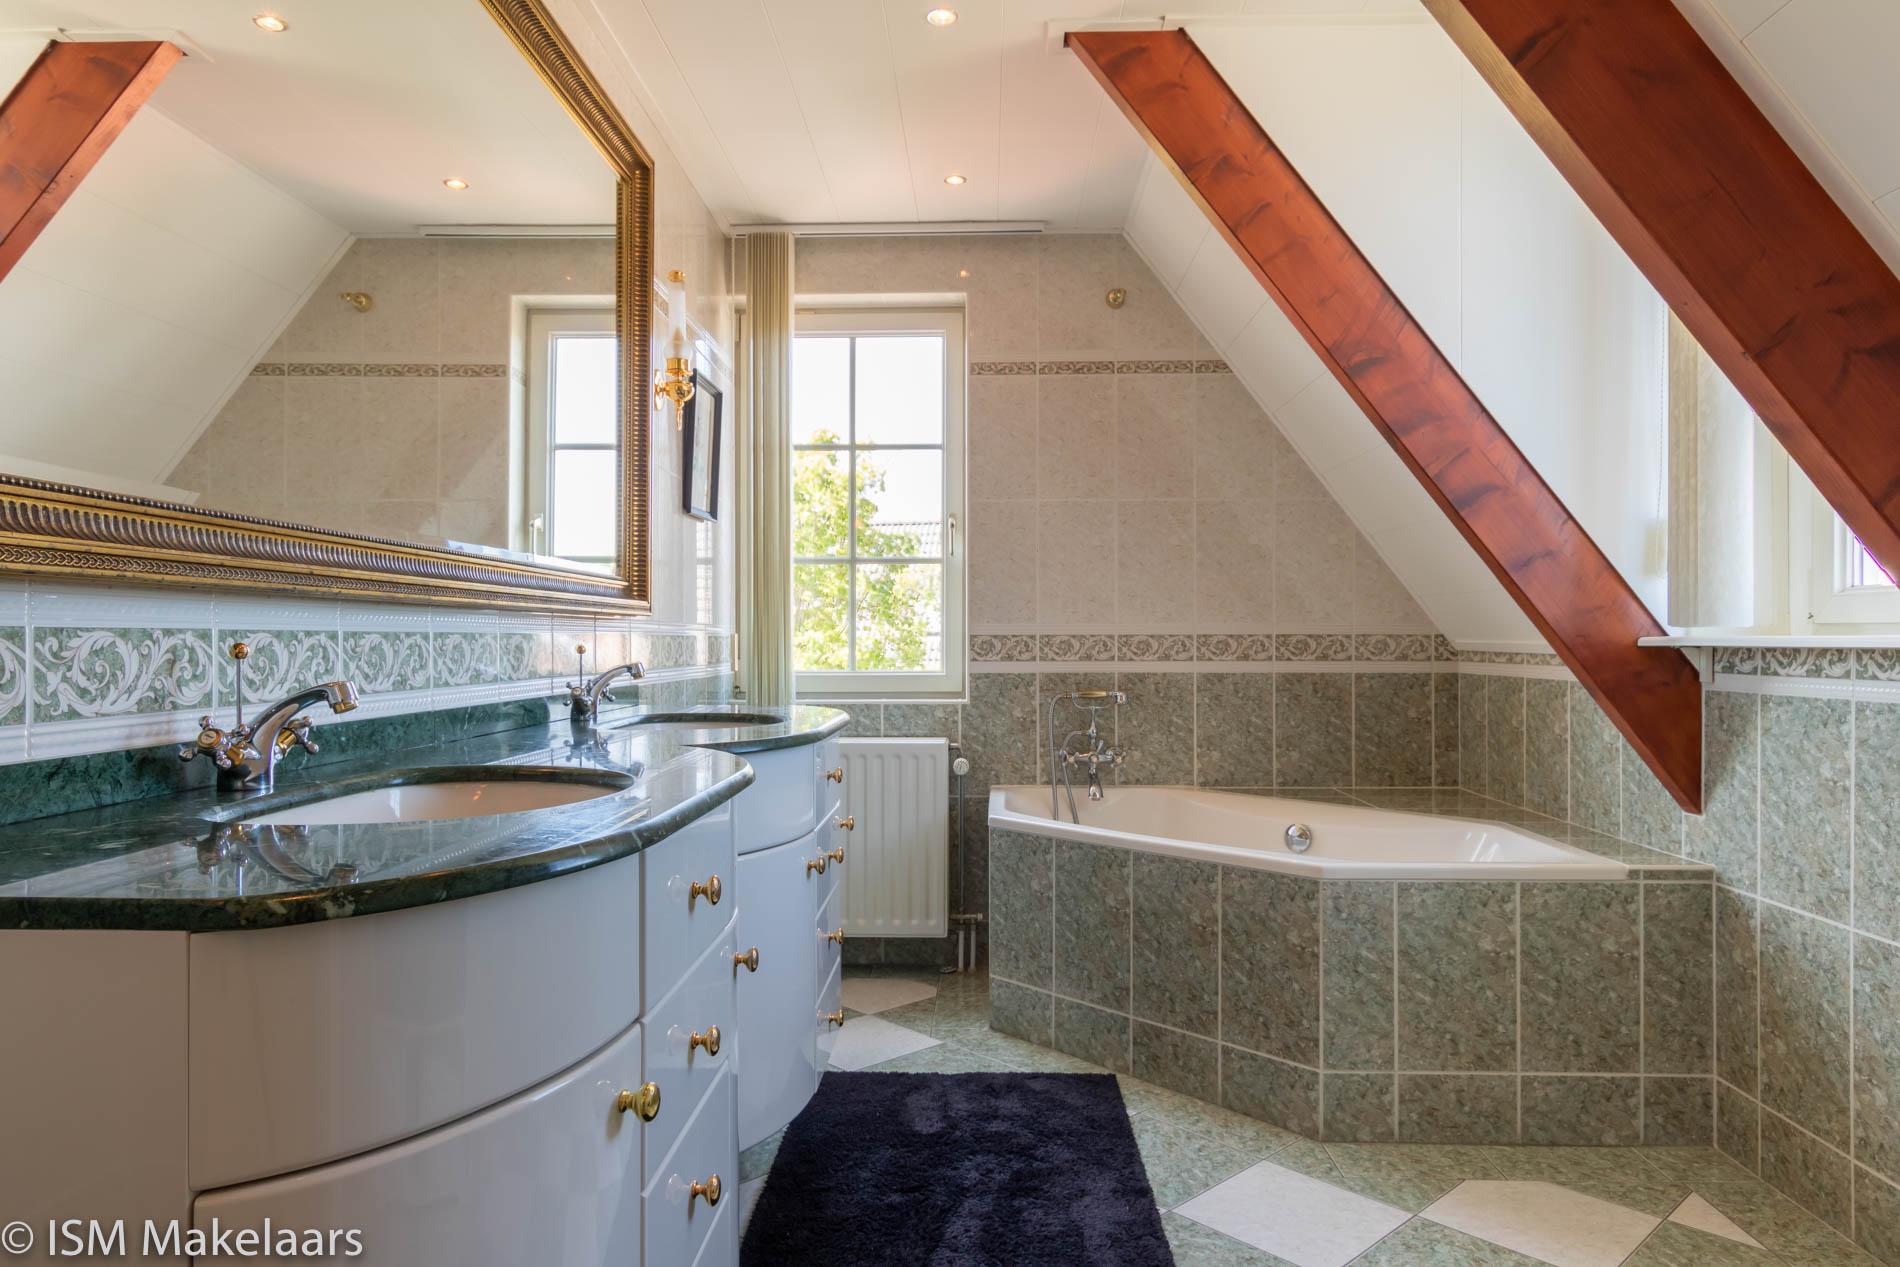 badkamer de spaier 3 zoutelande ism makelaars